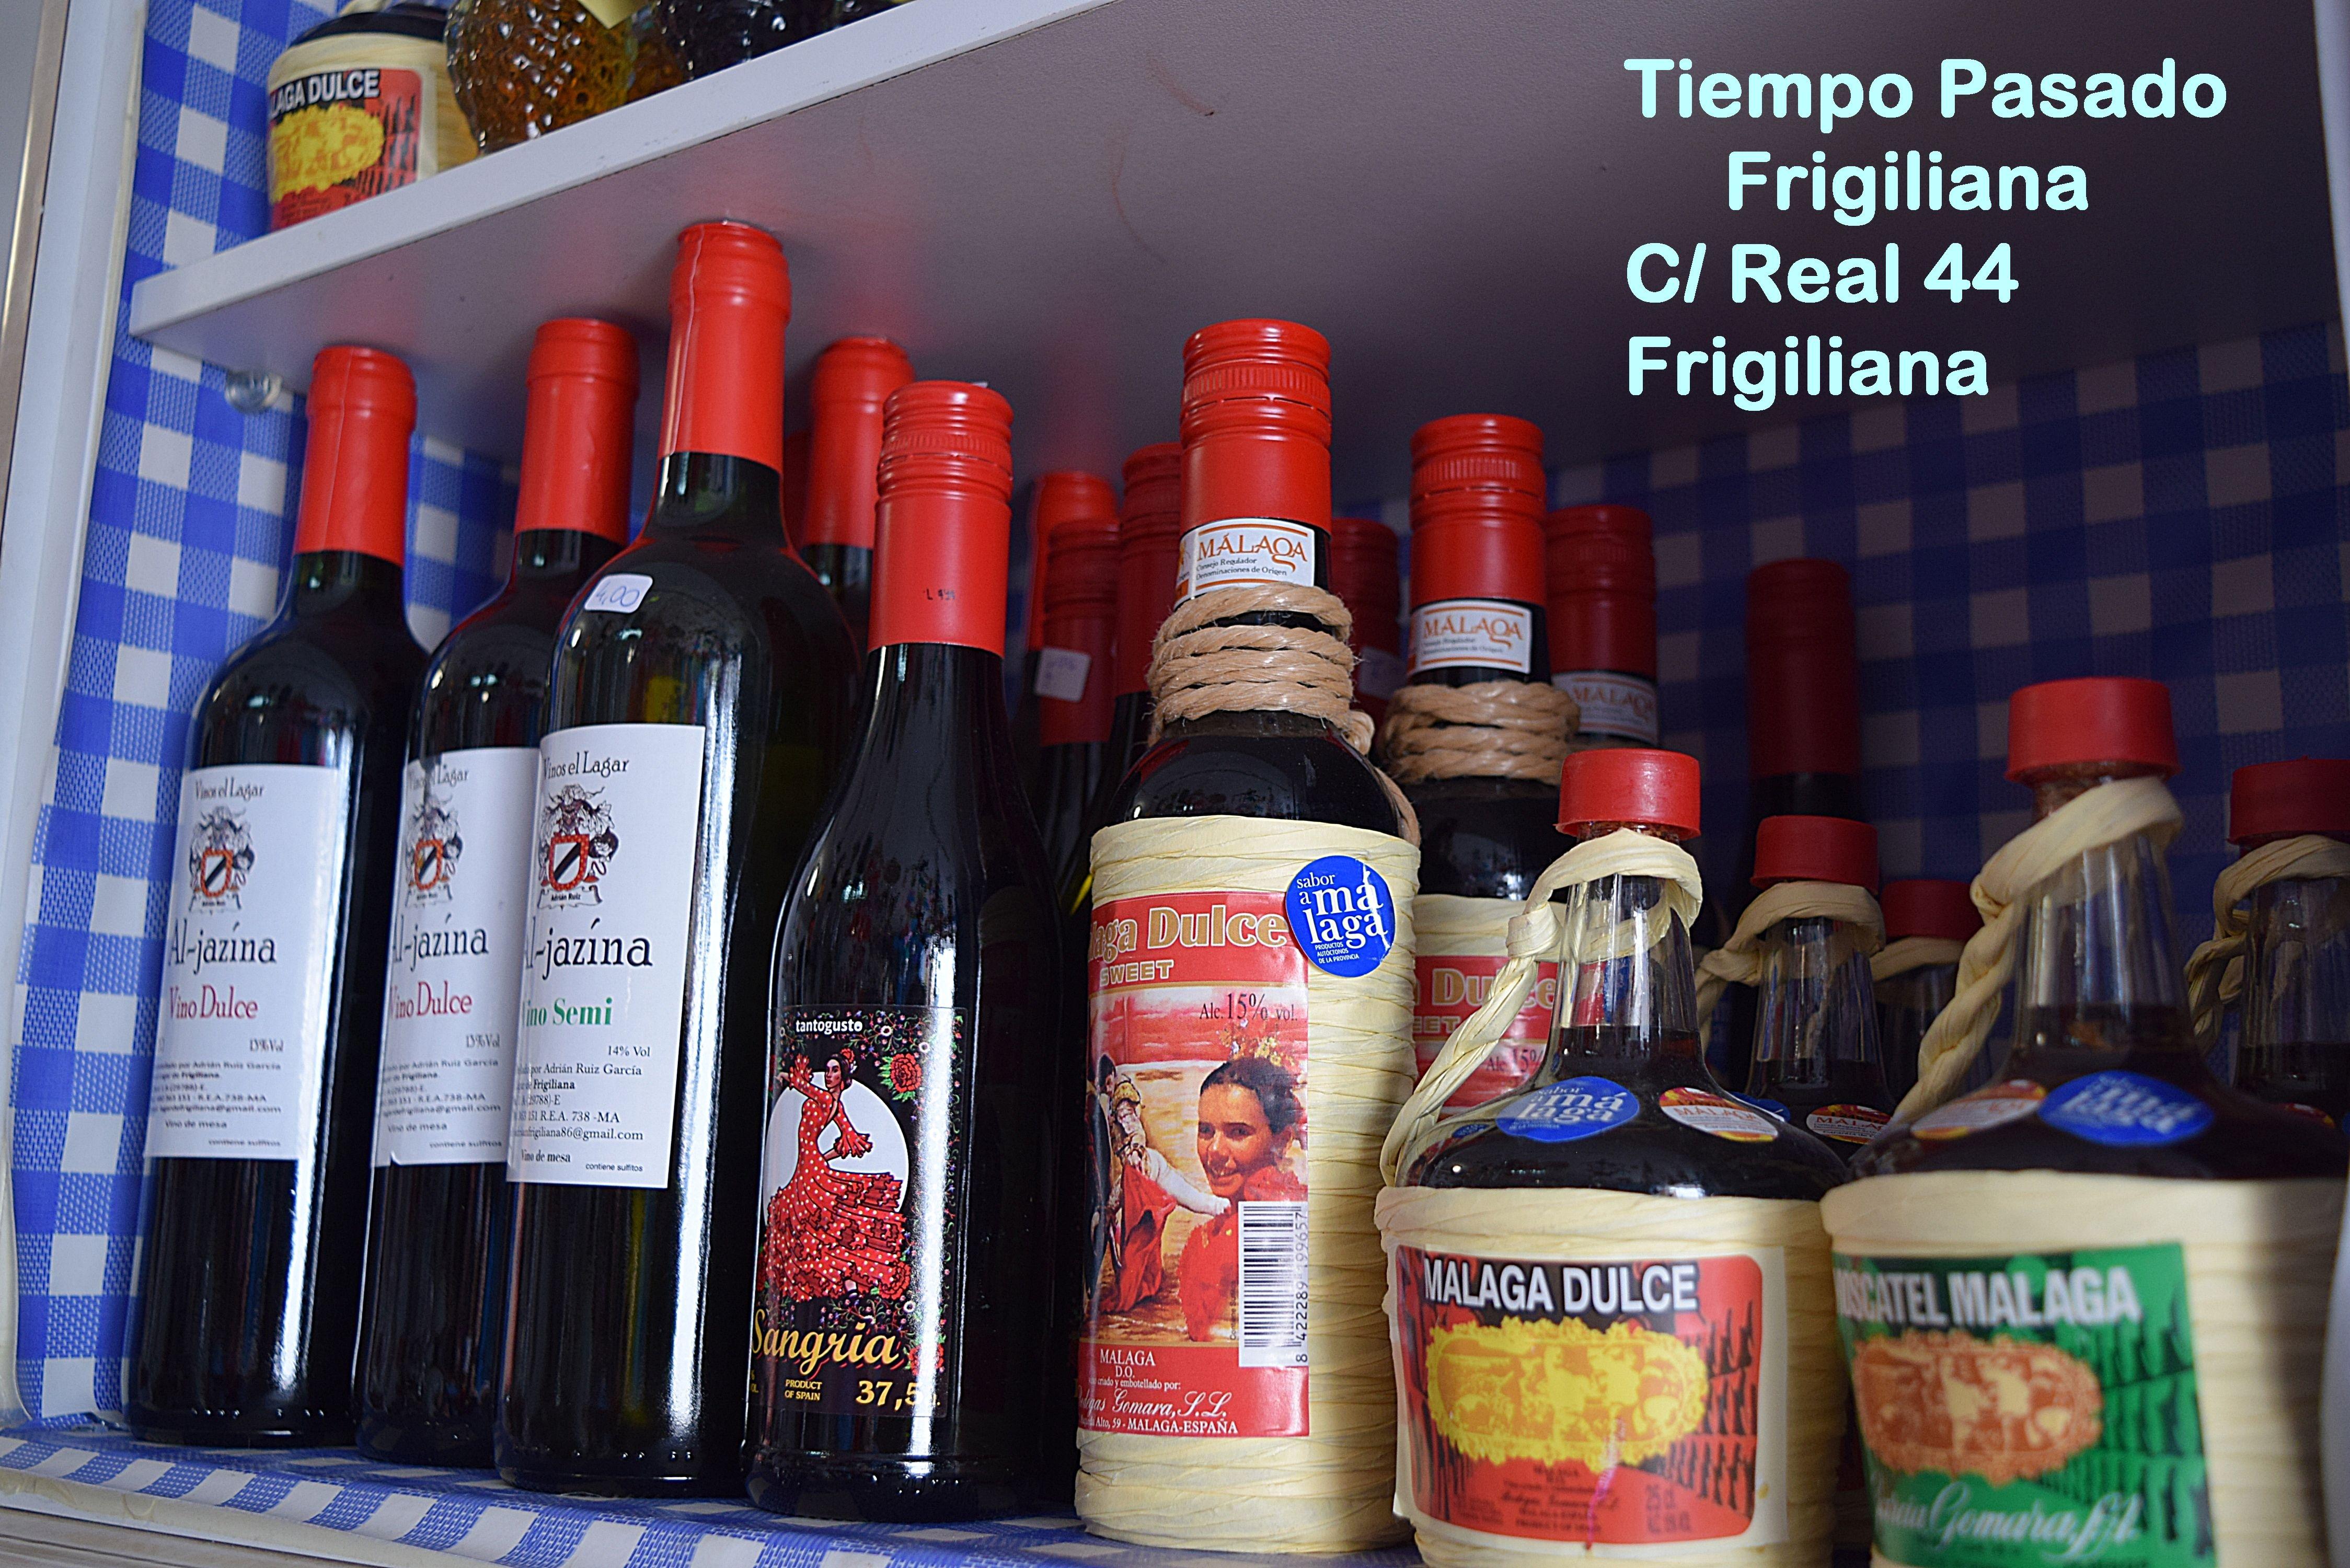 TIEMPO PASADO FRIGILIANA.  PRODUCTOS NATURALES DE BELLEZA Y PRODUCTOS TÍPICOS DEL TERRENO.  NATURAL BEAUTY AND TYPICAL PRODUCTS OF THE LAND.  NATURAL BEAUTY und typische Produkte des Landes.  NATURAL BEAUTY ET PRODUITS TYPIQUES DE LA TERRE.    #FelizSabado #Frigiliana #Axarquia #Malaga #Andalucia #España #Detalles #Regalos #Recuerdos #souvenirs #Adornos #complementos #Moda #memories #gifts #tourism #Typicalproducts #TypischeProduk